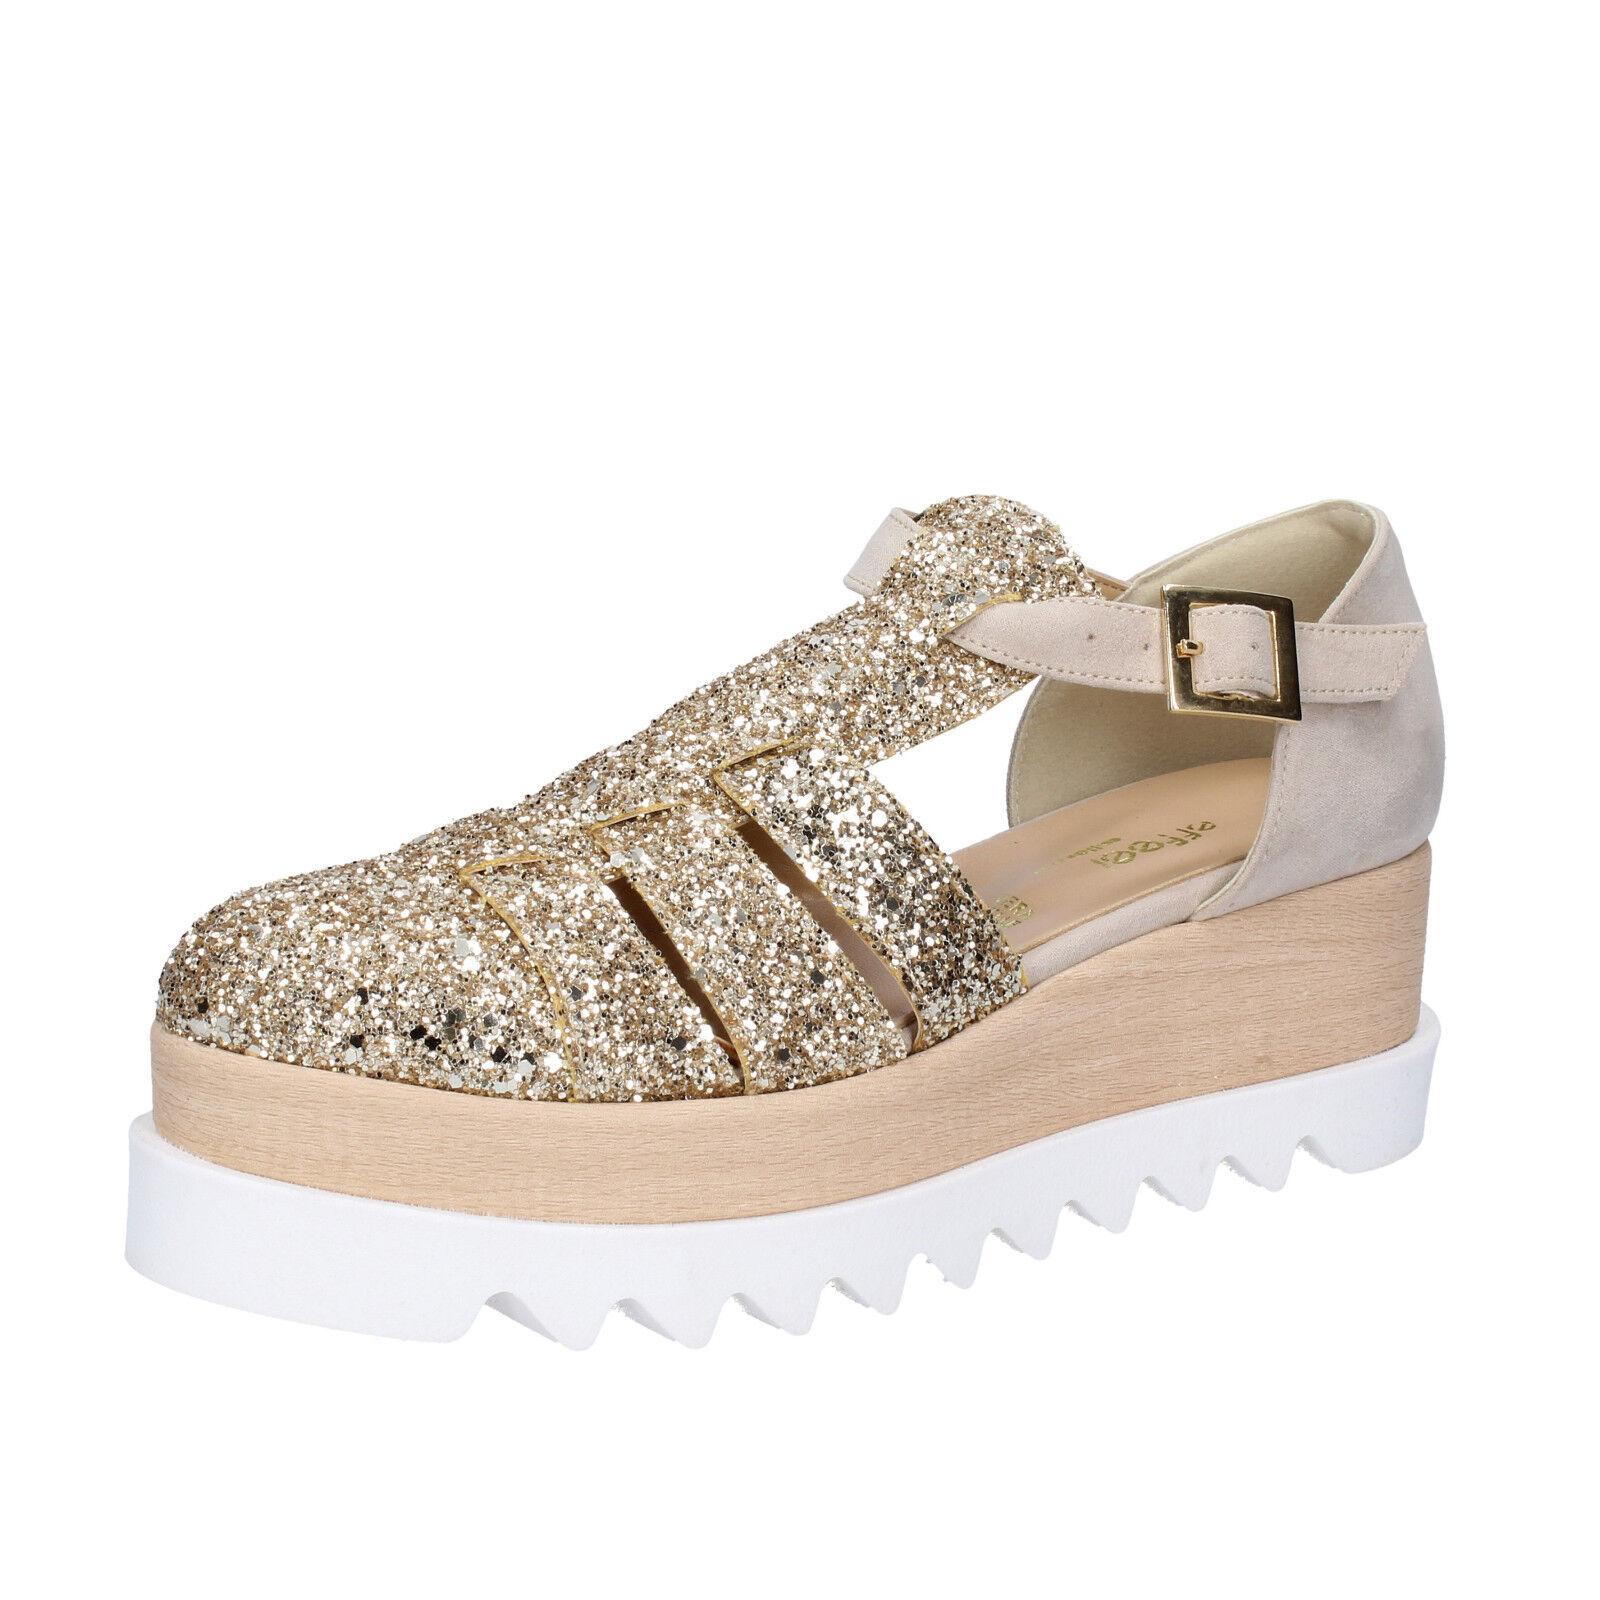 Chaussures femmes effeel 6 (UE 39) Sandales beige à paillettes en daim BT794-39